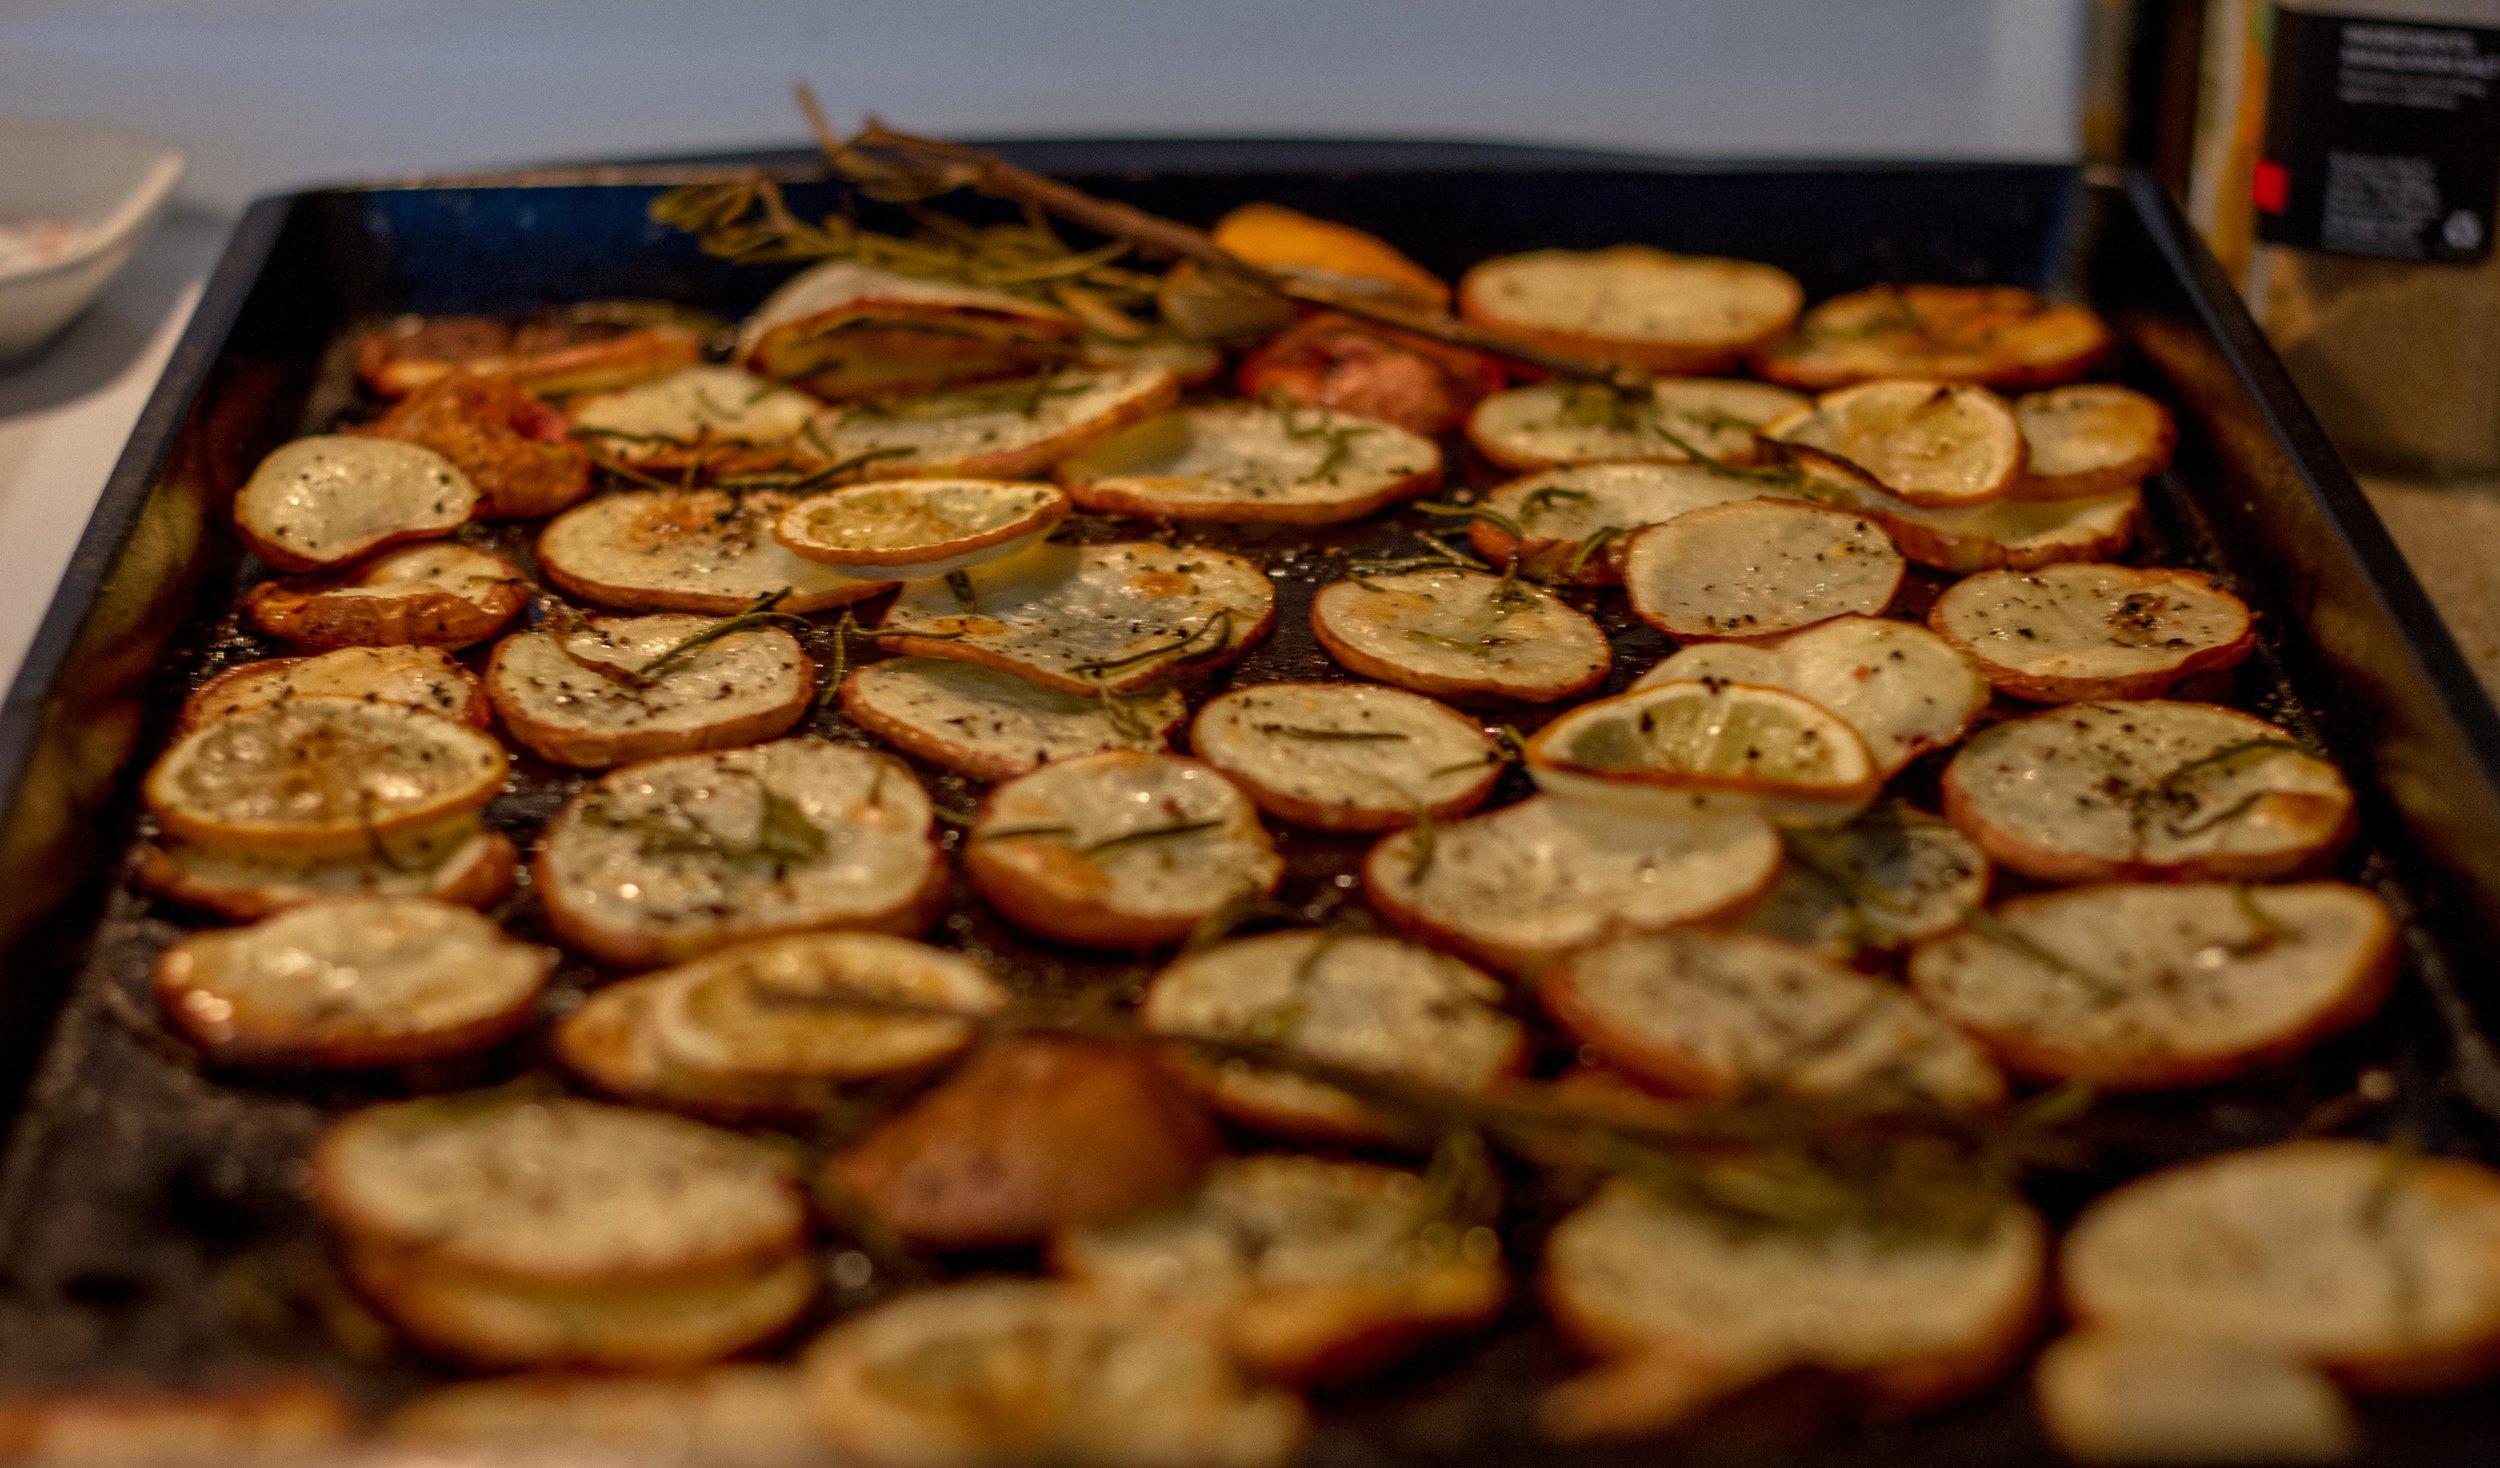 Post-bake. Nice and crispy!